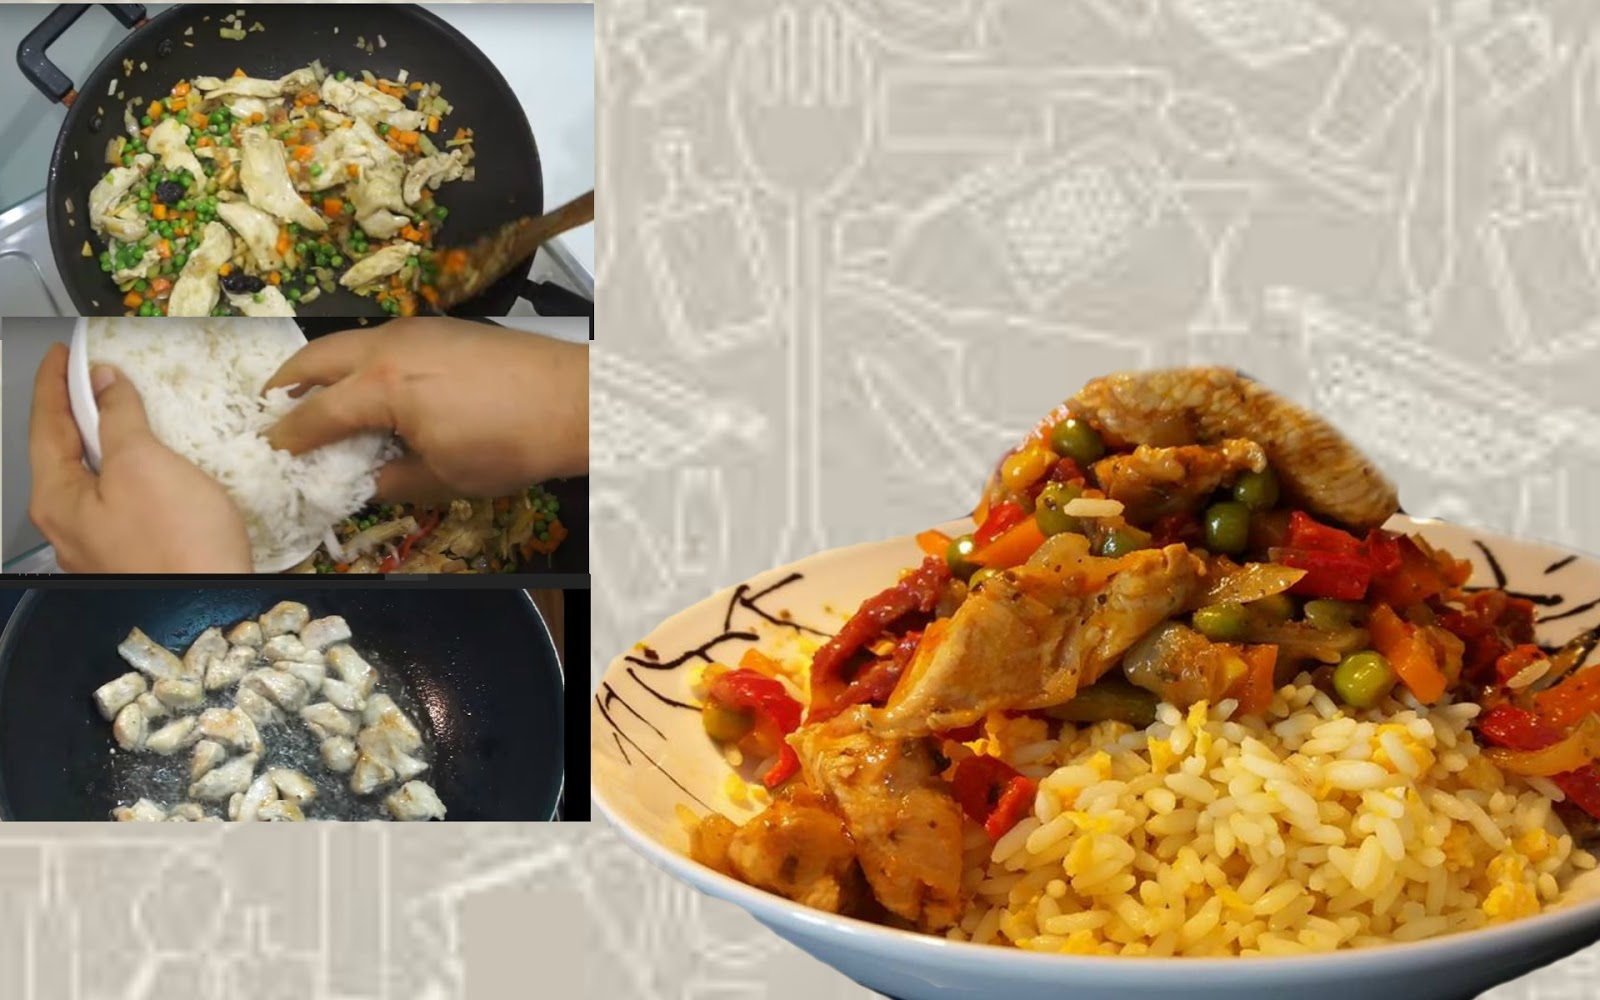 κοτοπουλο,τηγανητο ρυζι,συνταγη